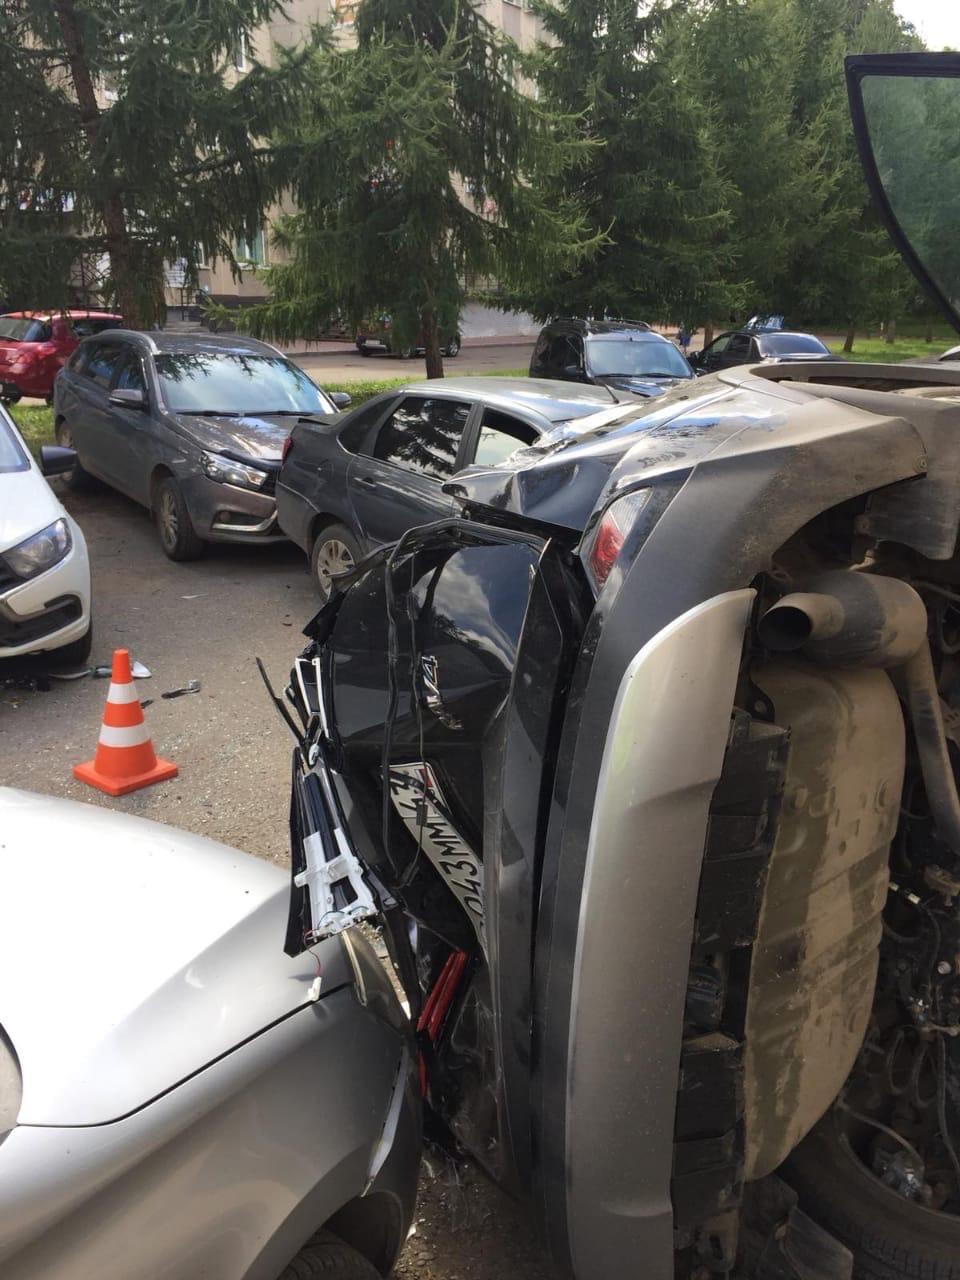 """По предварительным данным, виновницей ДТП стала48-летняя женщина на «Тойоте Раф 4». Водитель врезалась сразу в пять машин - в две """"Гранты"""", """"Шевроле Трекер"""", """"Весту"""" и """"Хендай Гетс""""."""